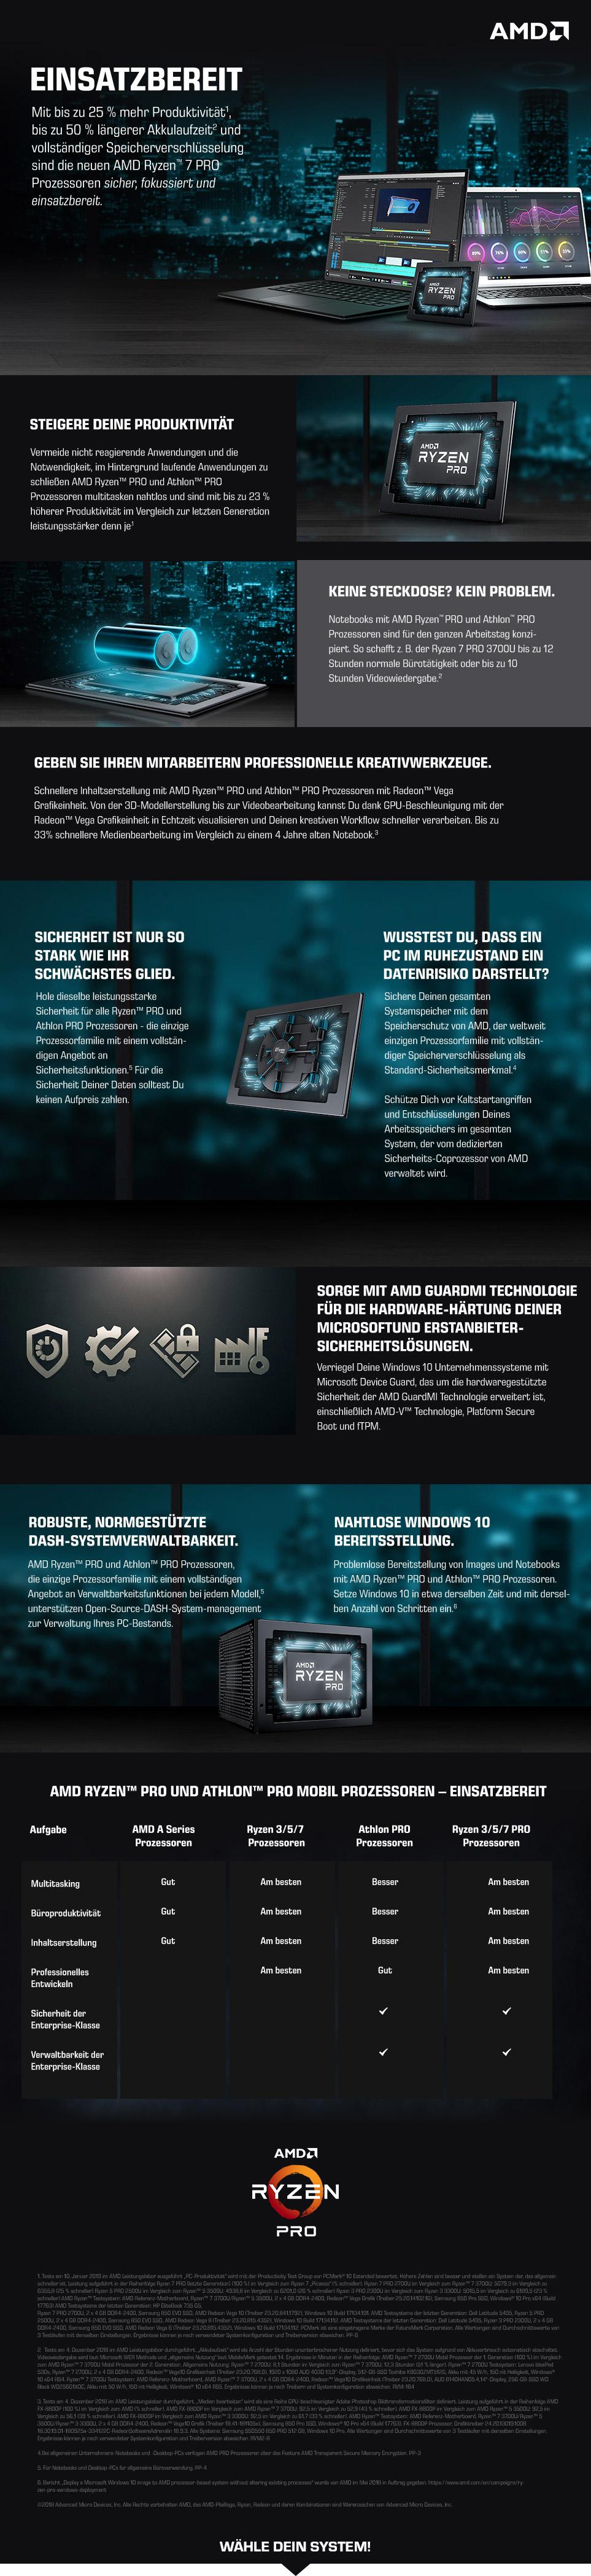 AMD Ryzen PRO für Business